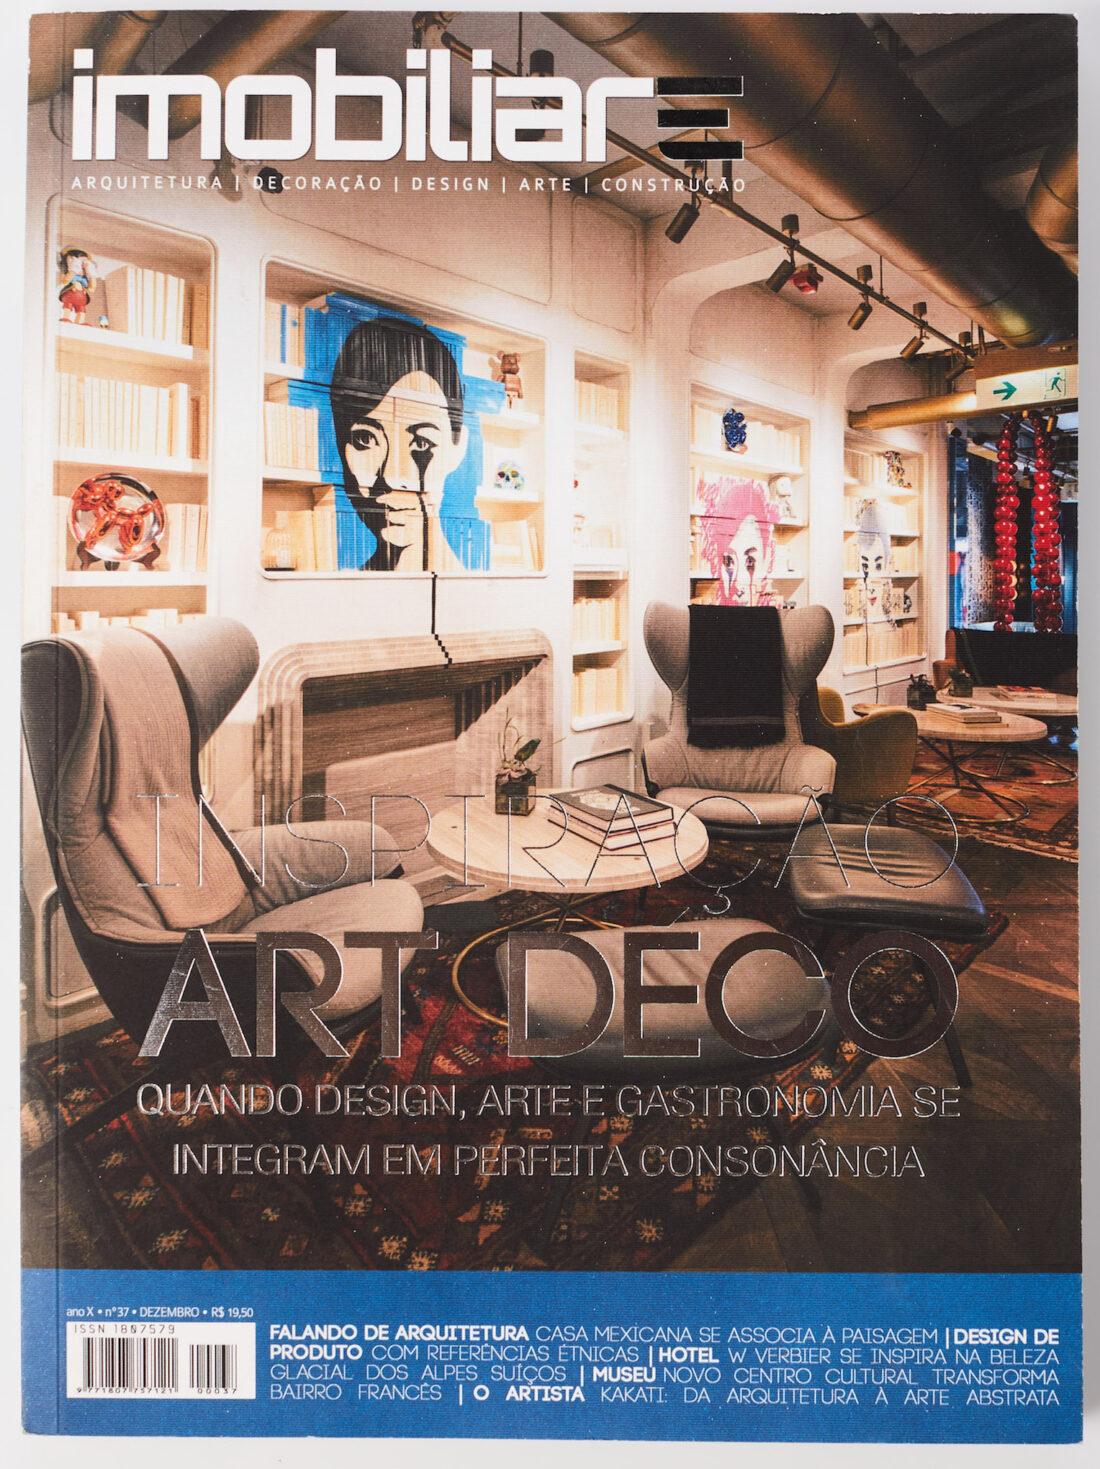 Imobiliare - Apartamento Funcionarios - Rosangela Coelho Brandao